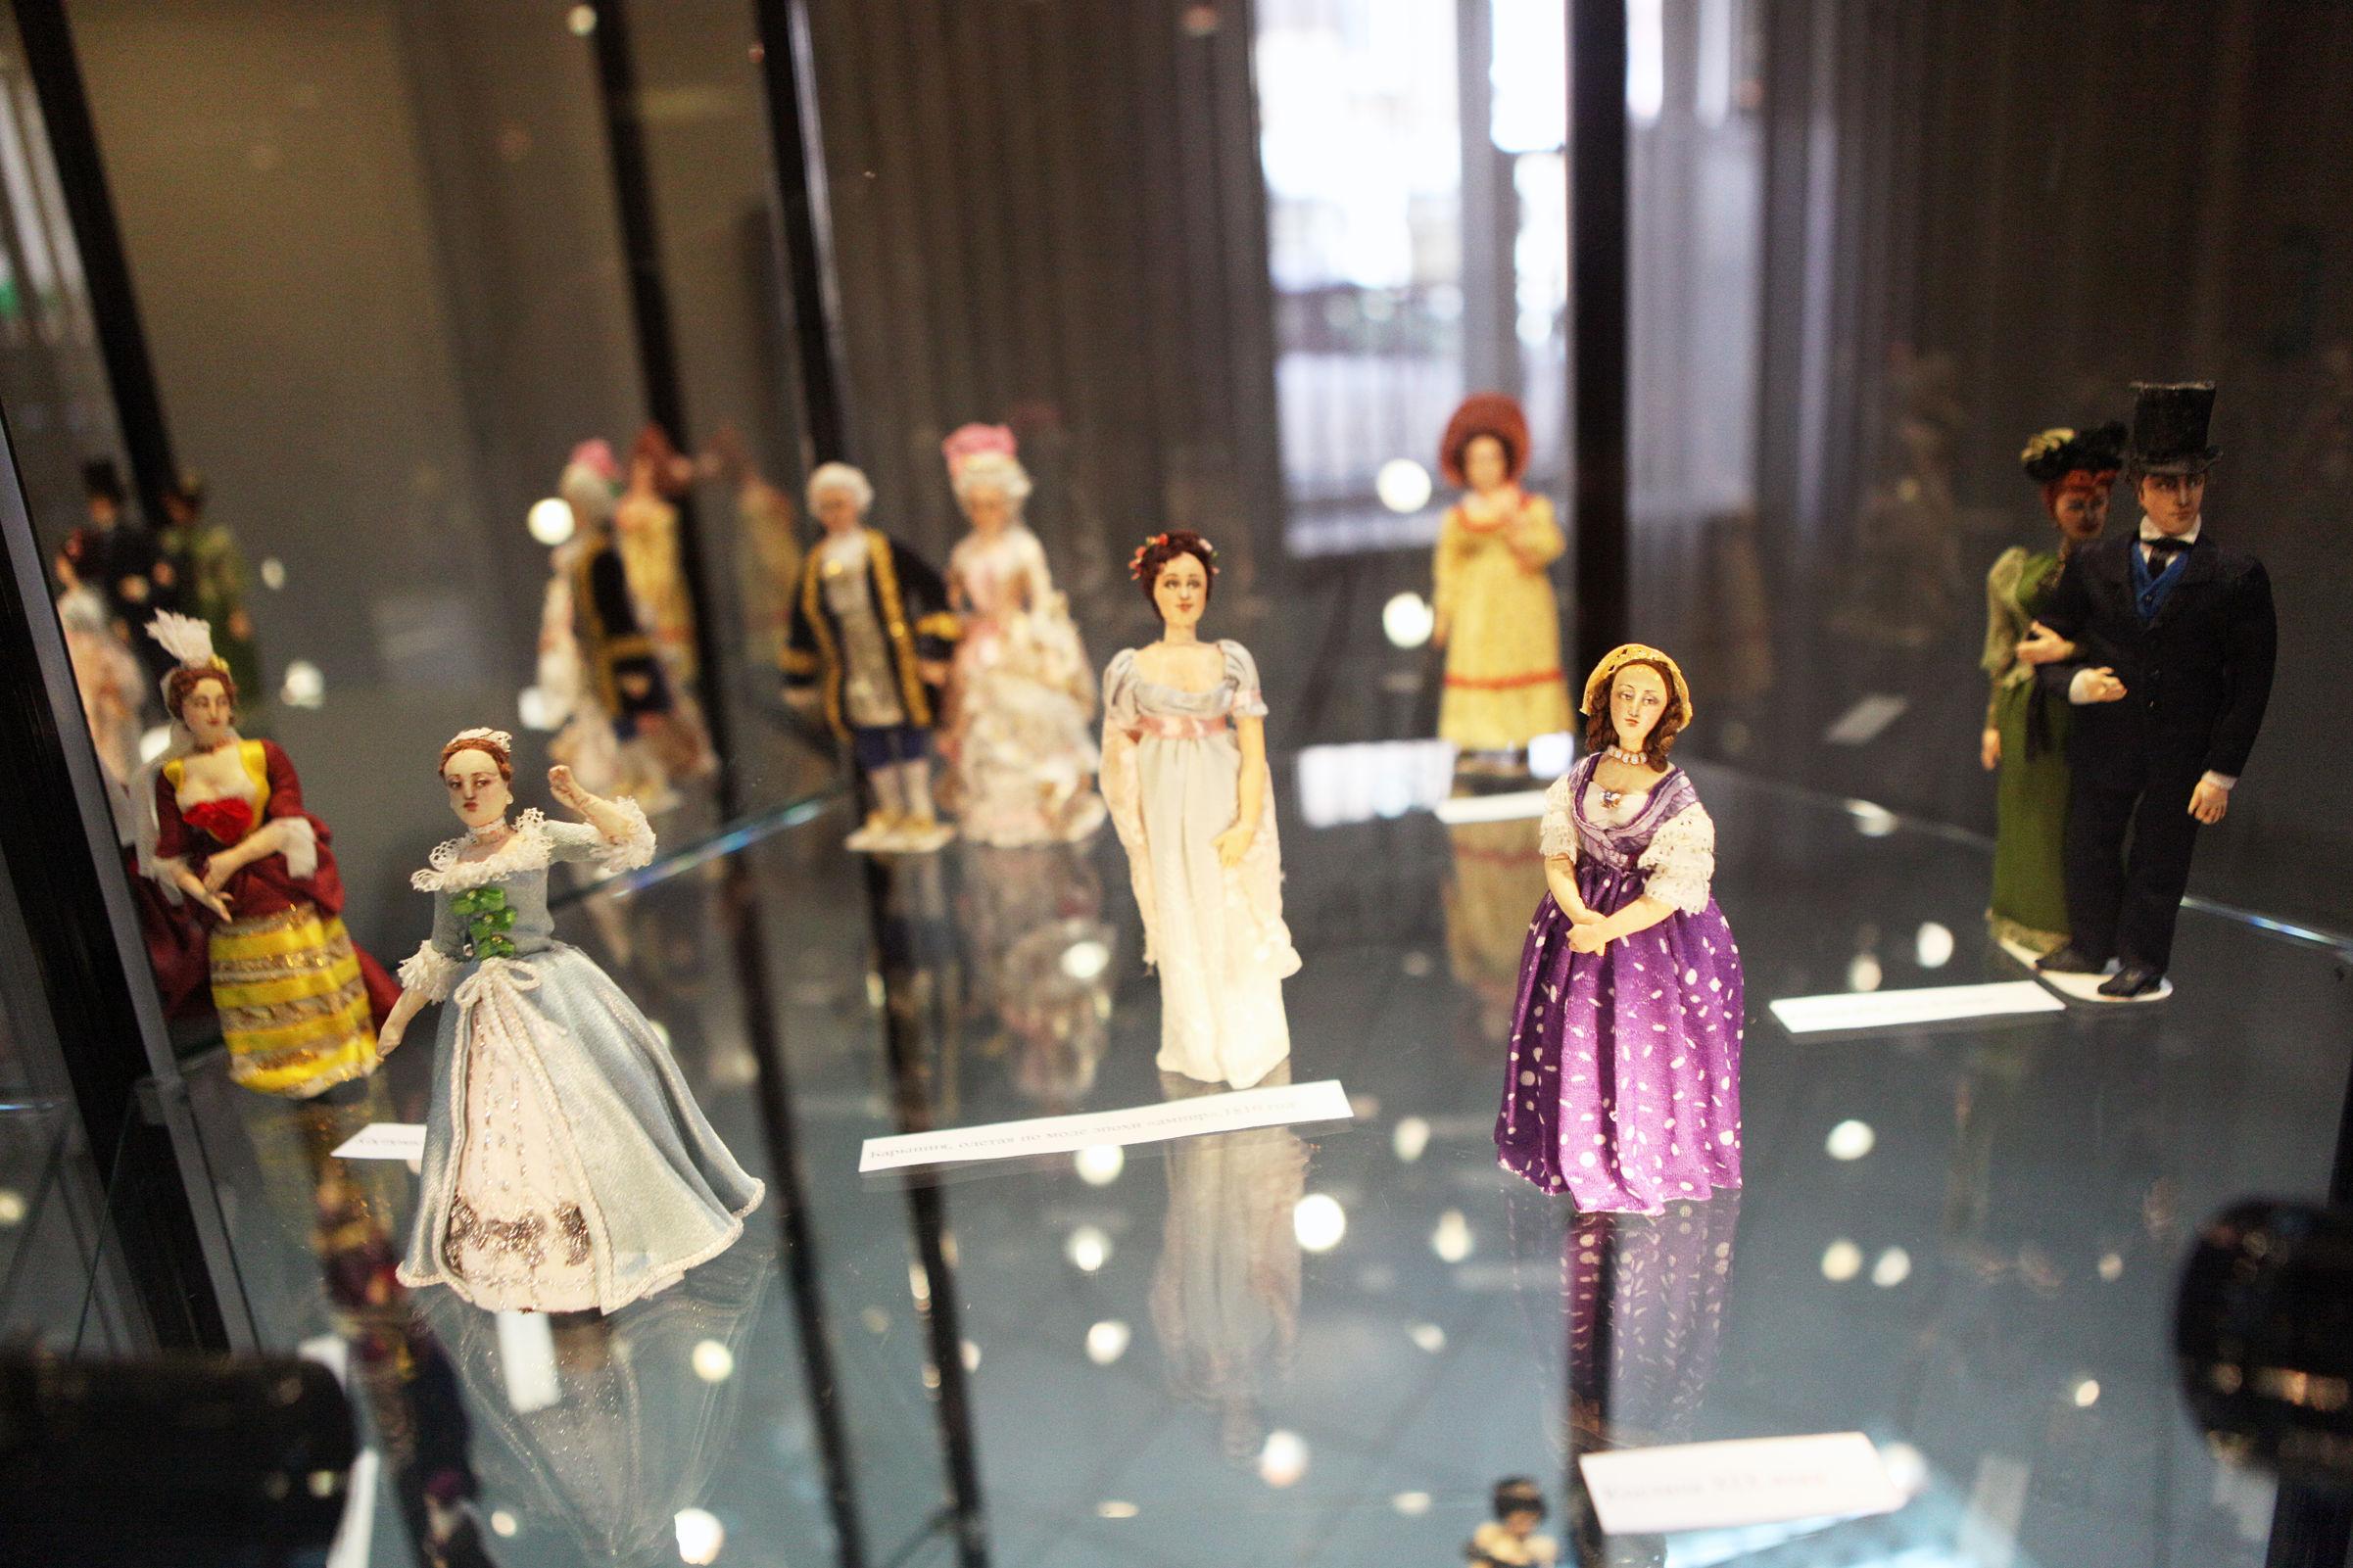 От Эхнатона до Пугачевой: экспозиция текстильных кукол в Ярославле показала путь человечества от каменного века до наших дней